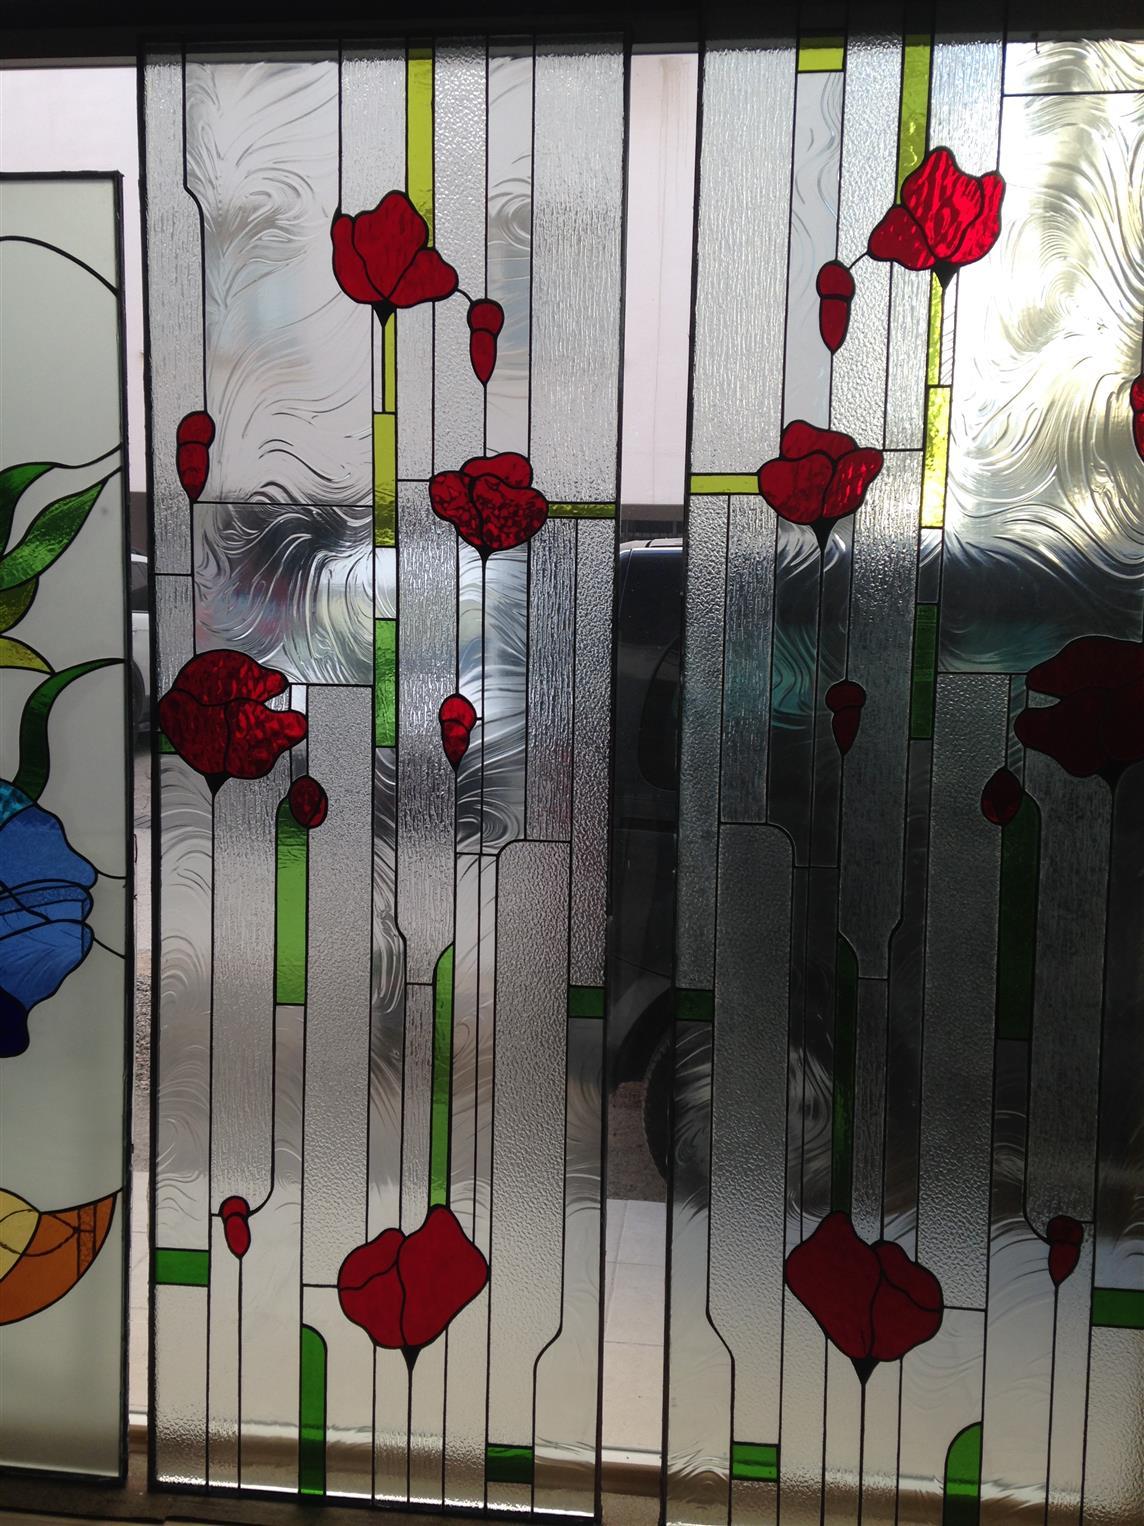 urla-evleri-vitray-calismasi201652144948769.jpg izmir vitray çalışması